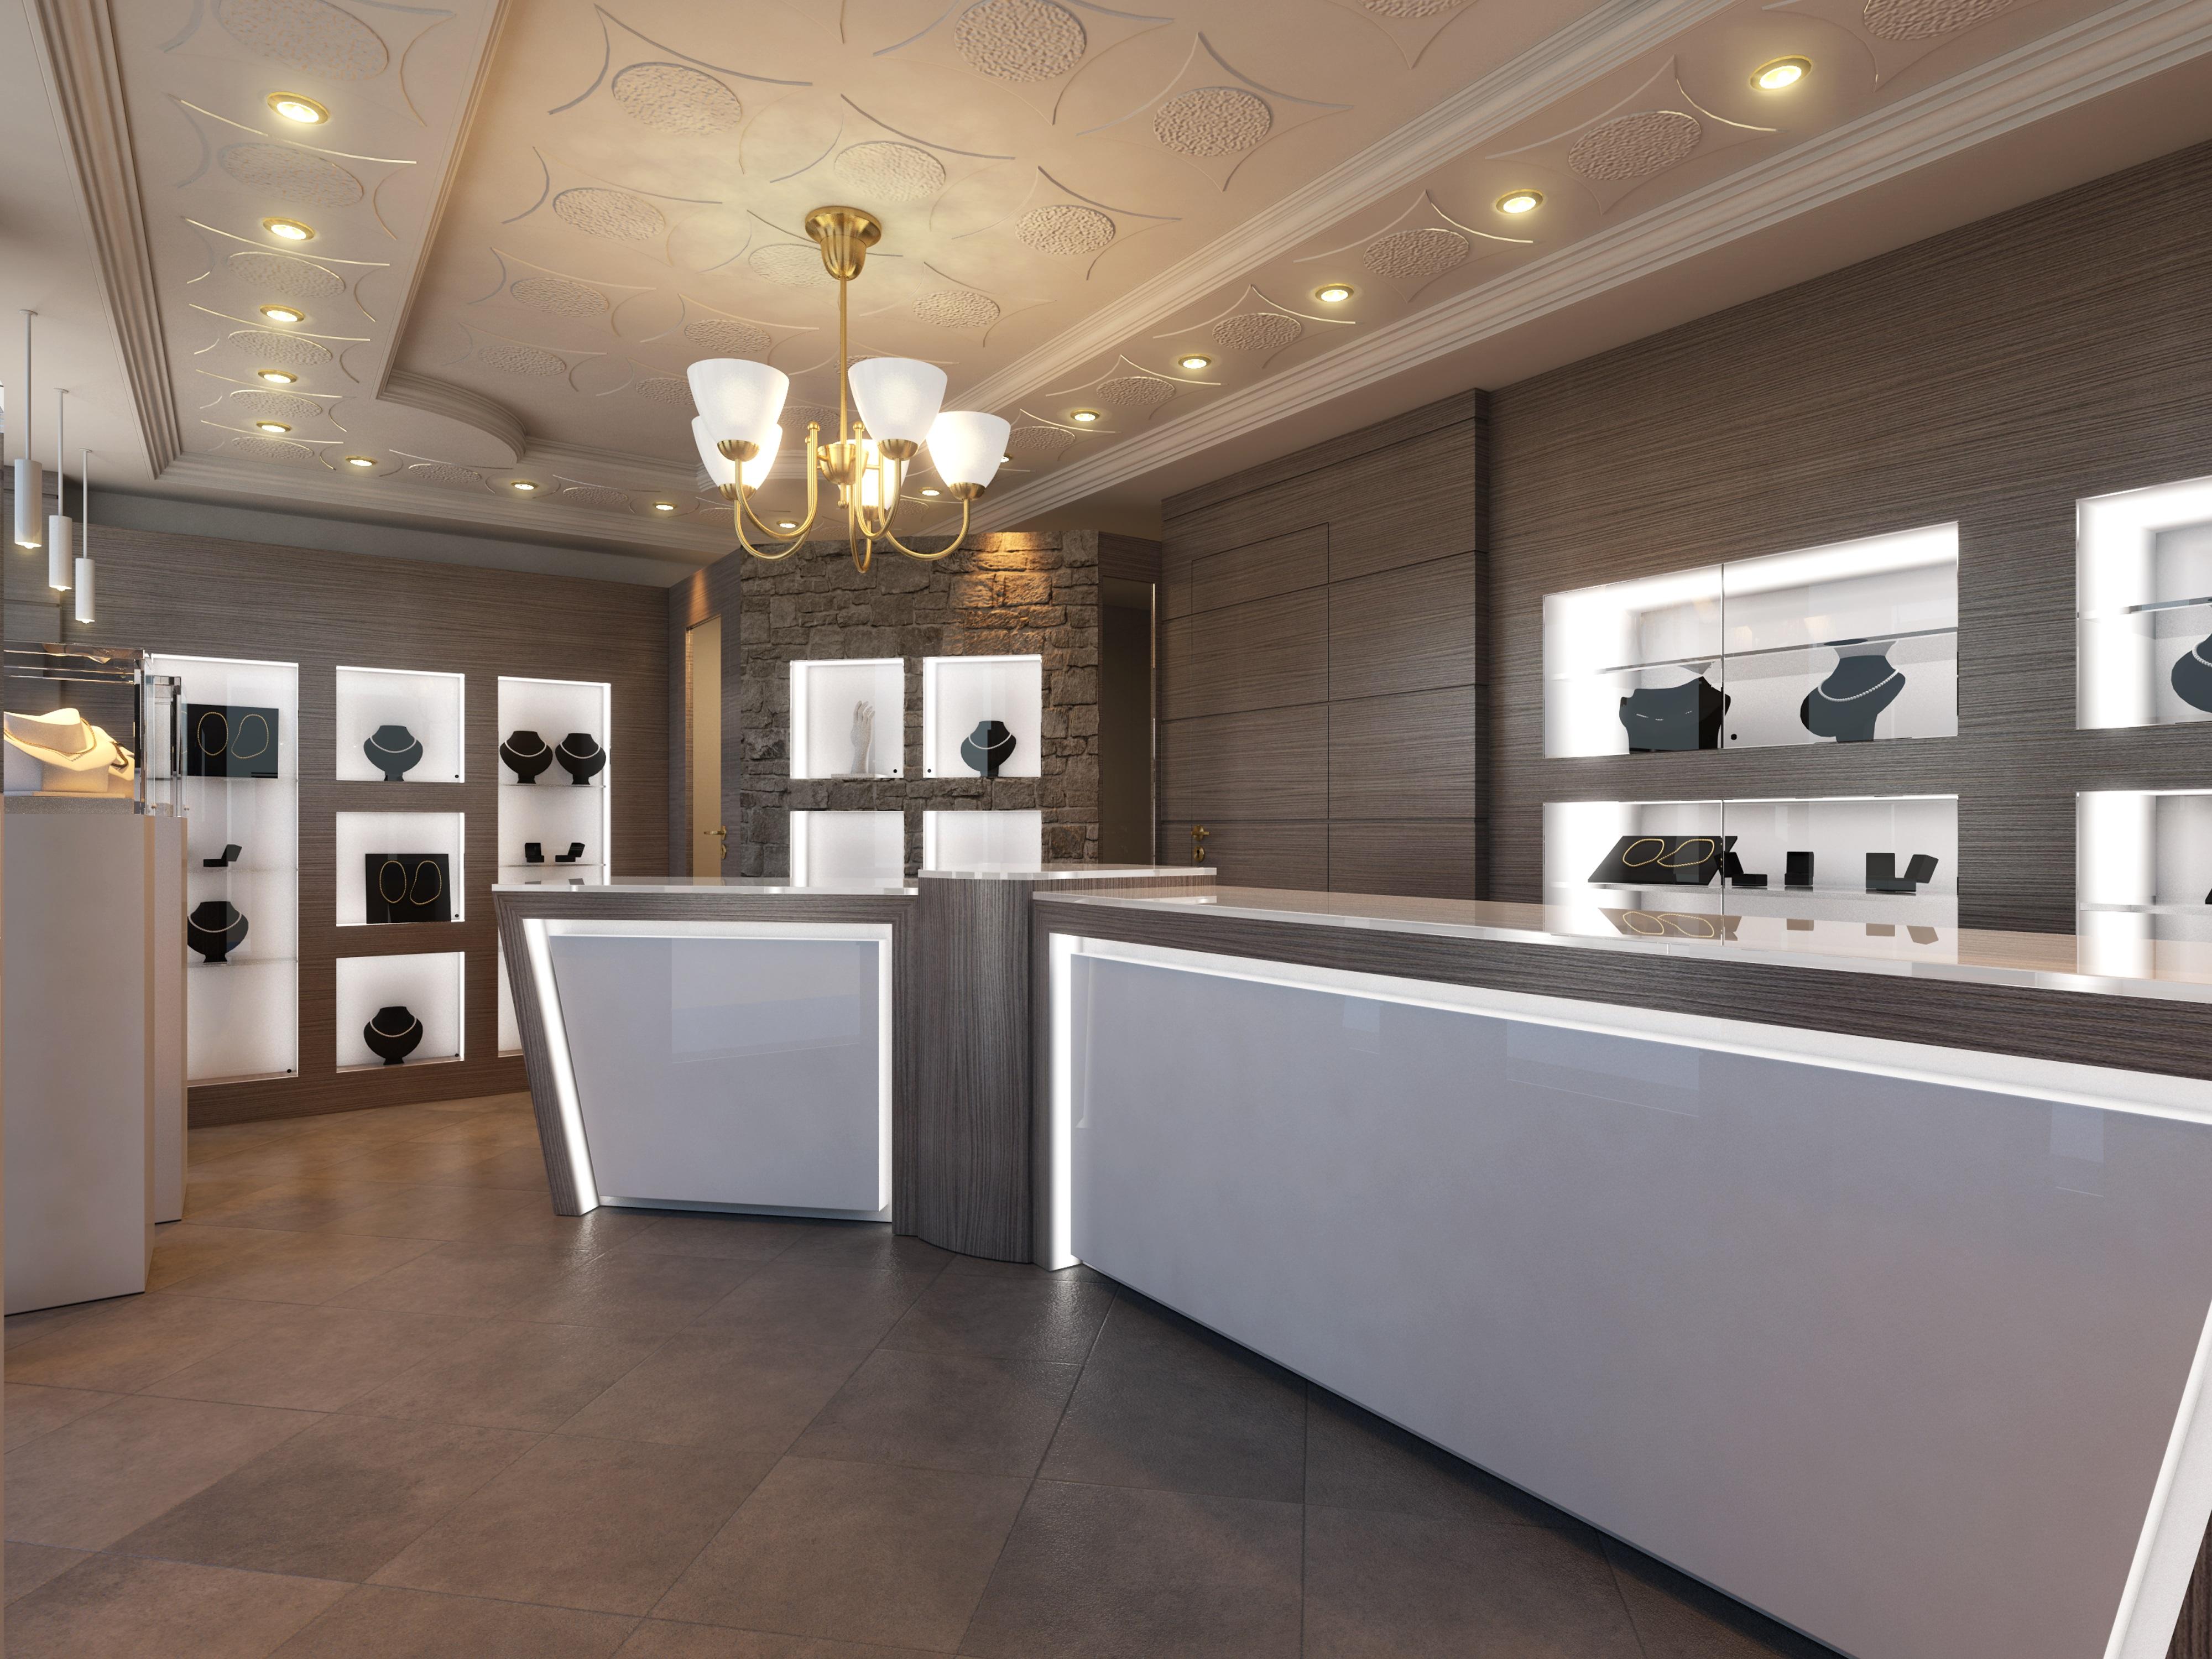 Arredamento negozi milano banchi piani mobili for Mobili di designer